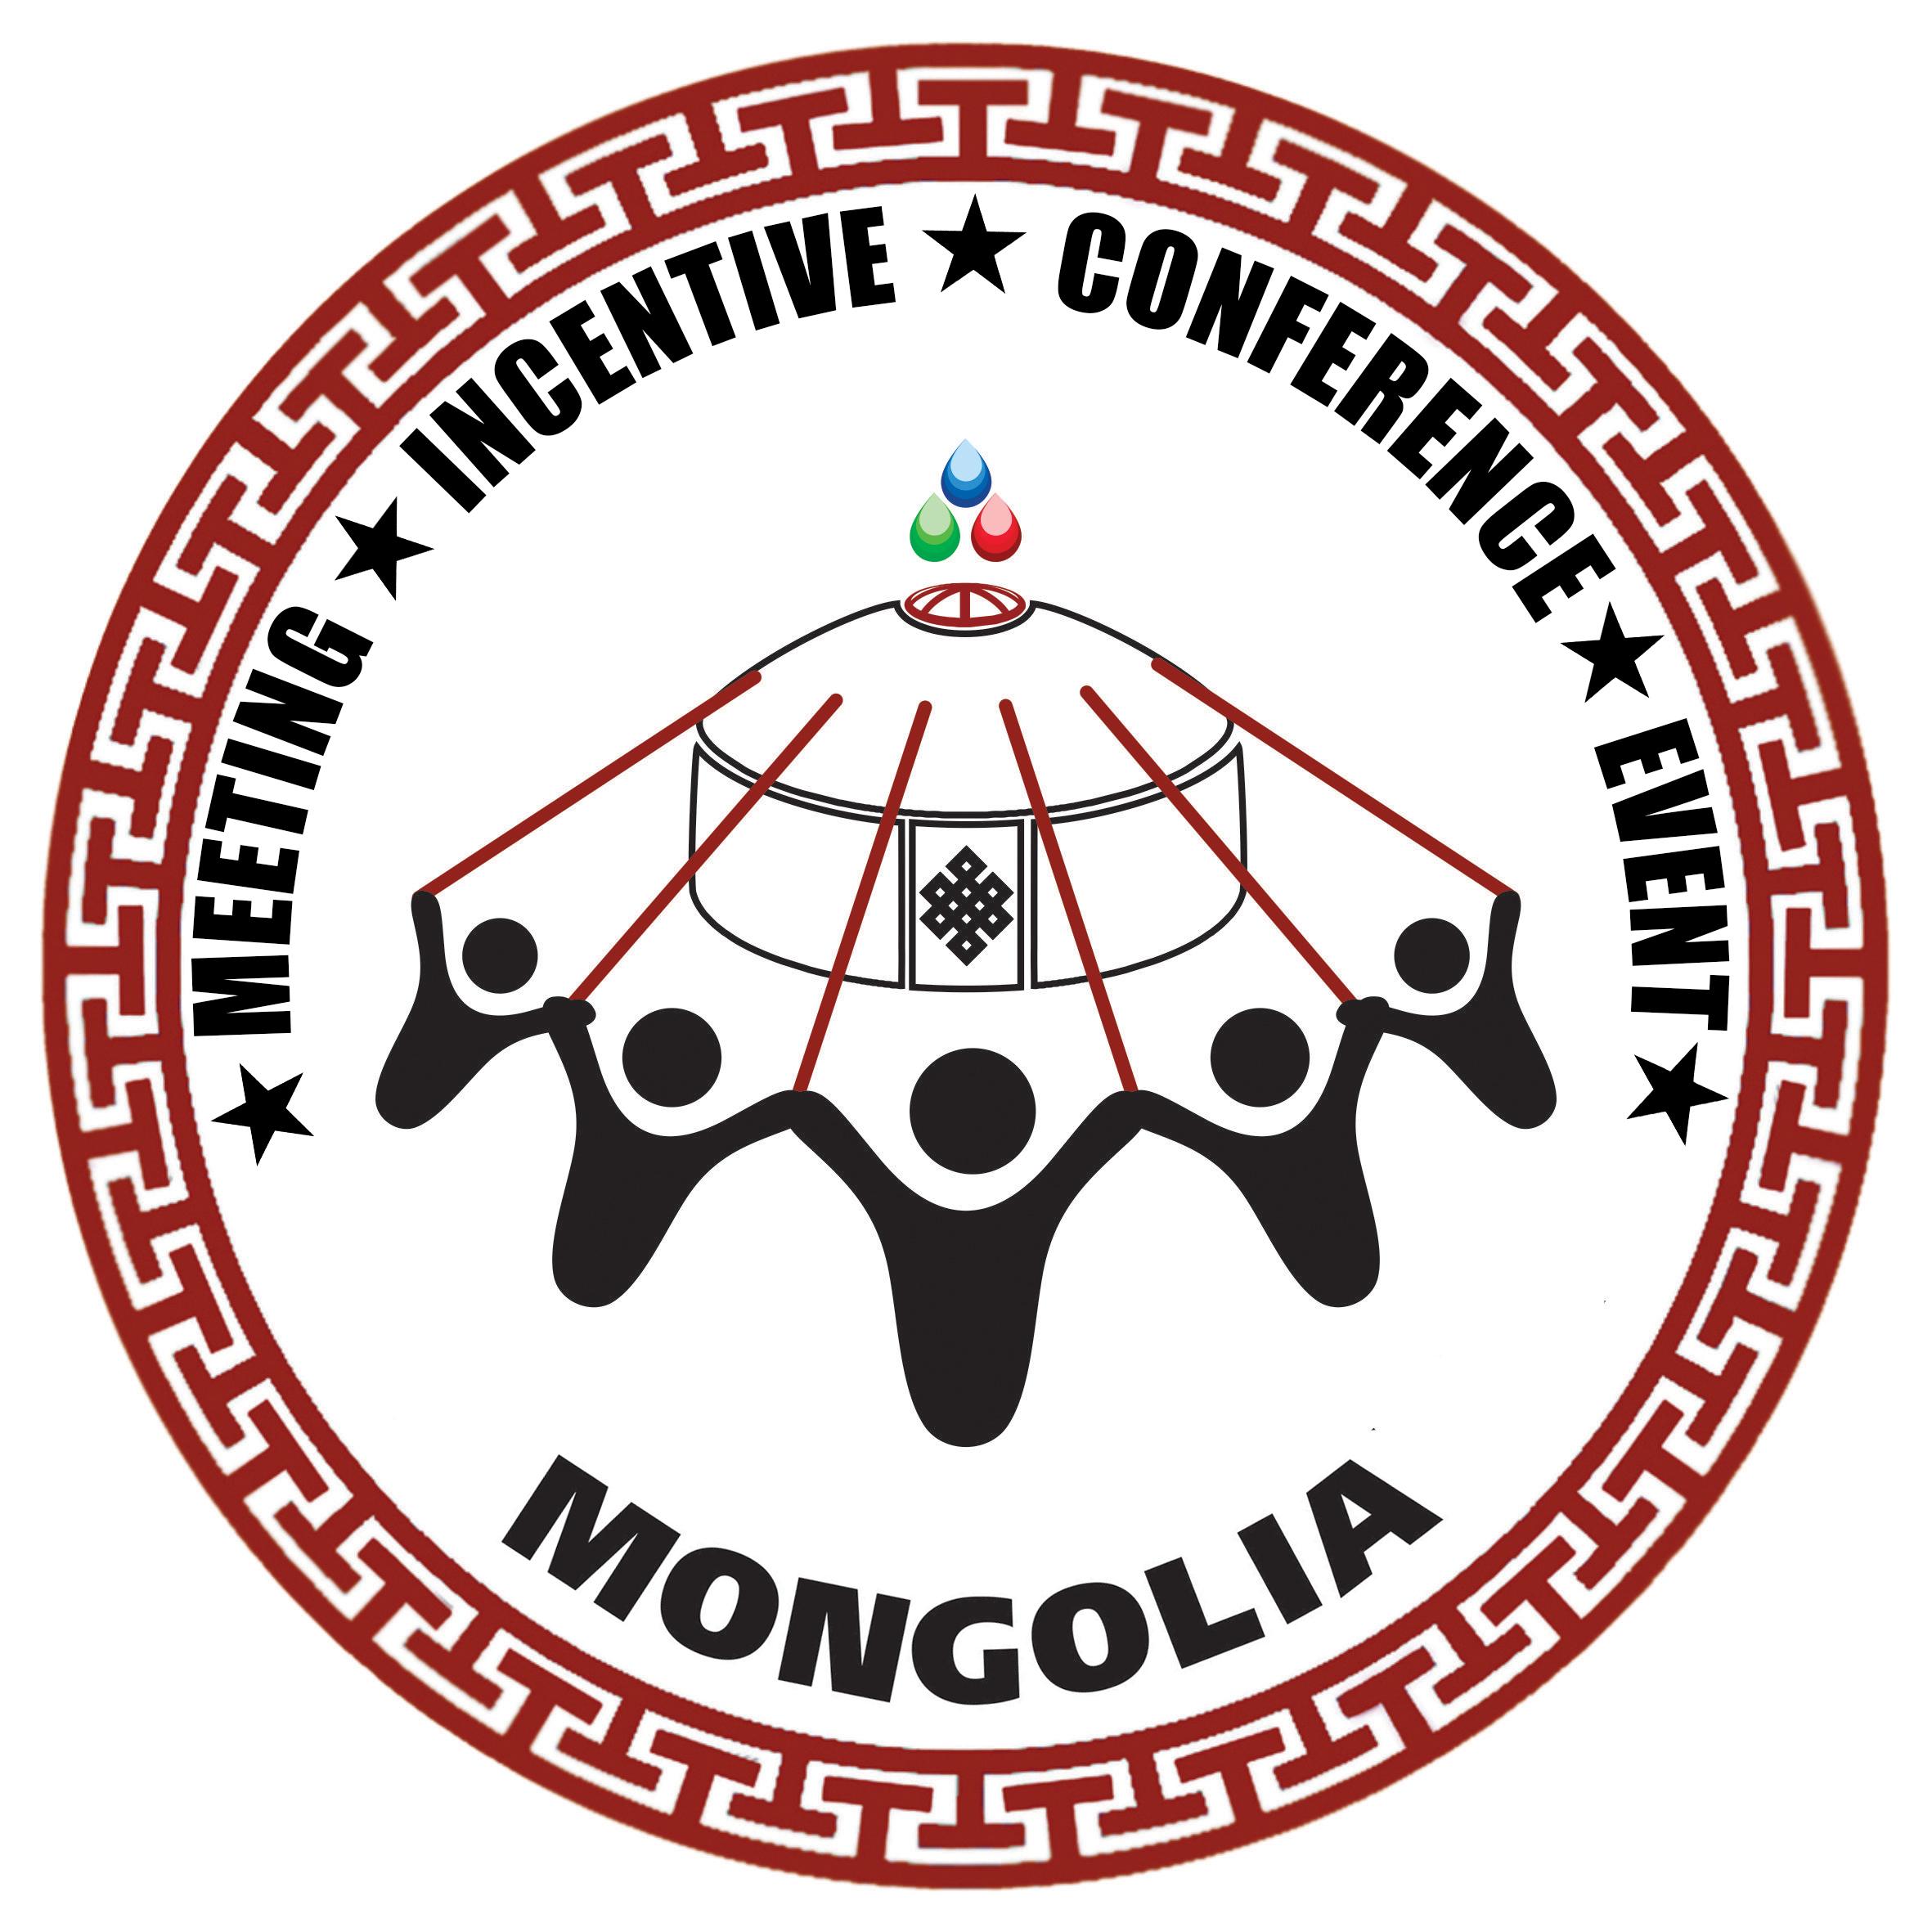 mice mongolia Mongolia National Anthem